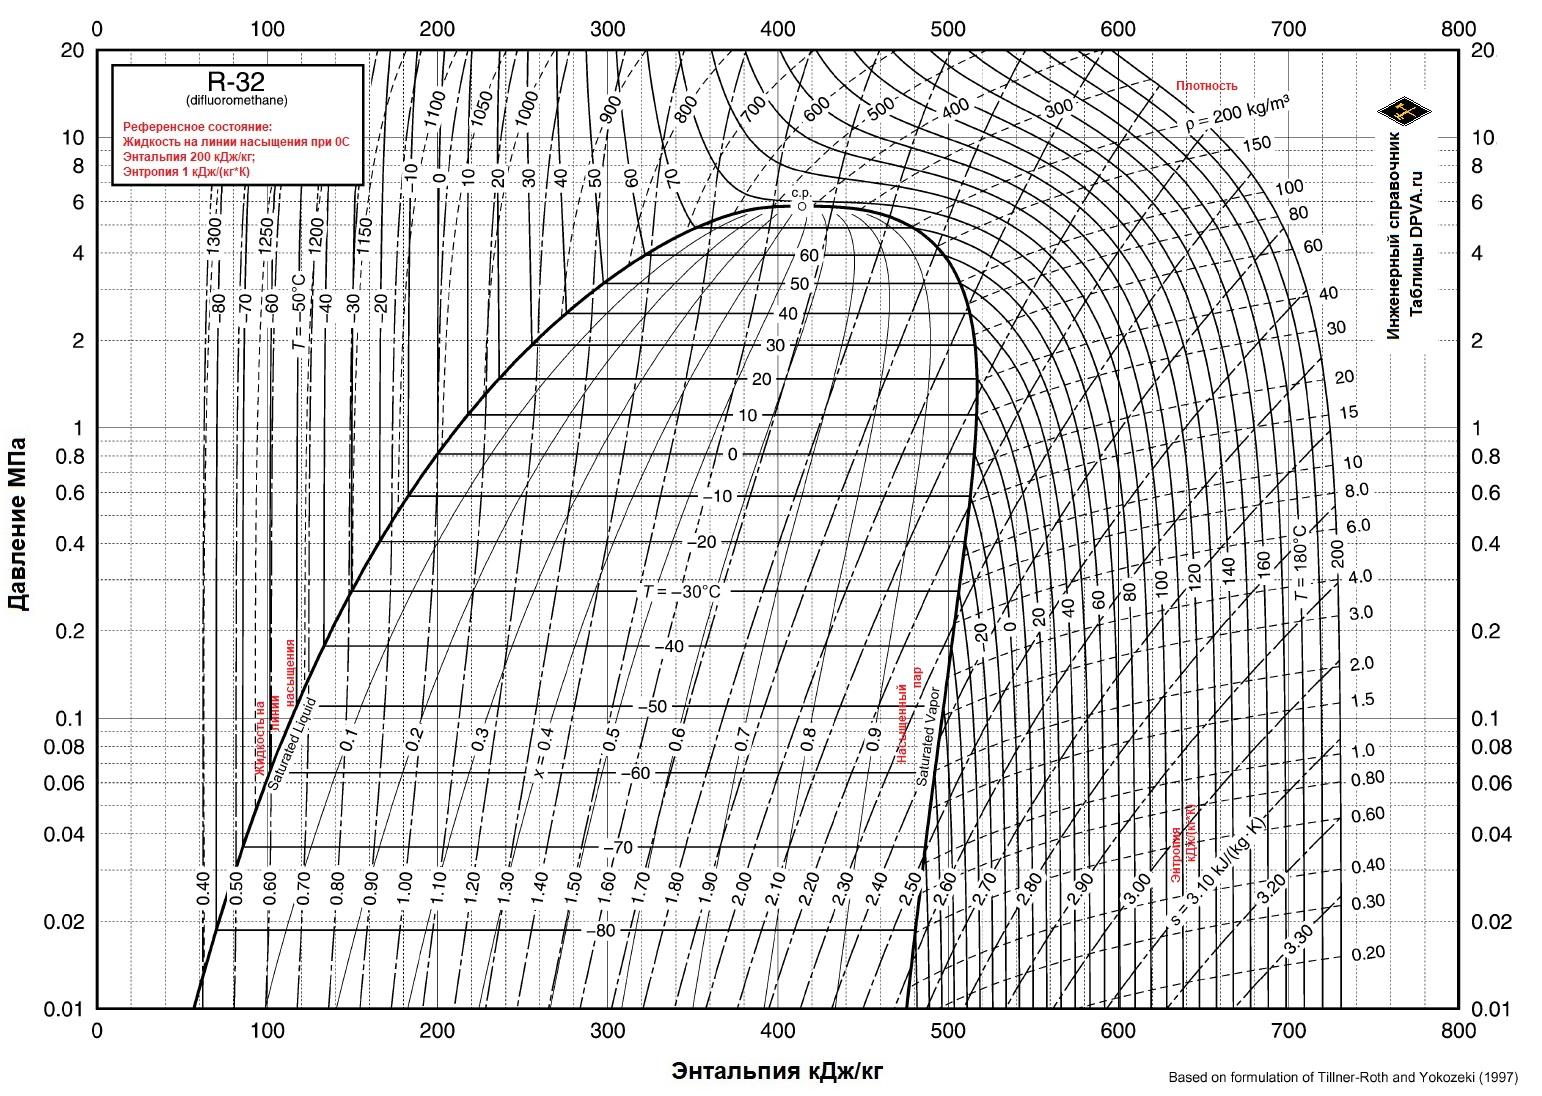 Хладагент, фреон, хладон (Холодильный агент) R32 дифторметан = Difluoromethane (CH2F2) Диаграмма Давление/Энтальпия/Температура, термофизические свойства жидкого на линии насыщения и насыщенного пара. Давление,Плотность, Удельный объем, Энтальпия,Энтропия, Теплоемкость, Показатель адиабаты, Скорость звука, Вязкость, Теплопроводность, Поверхностное натяжение.  -136,81/+78,11°C